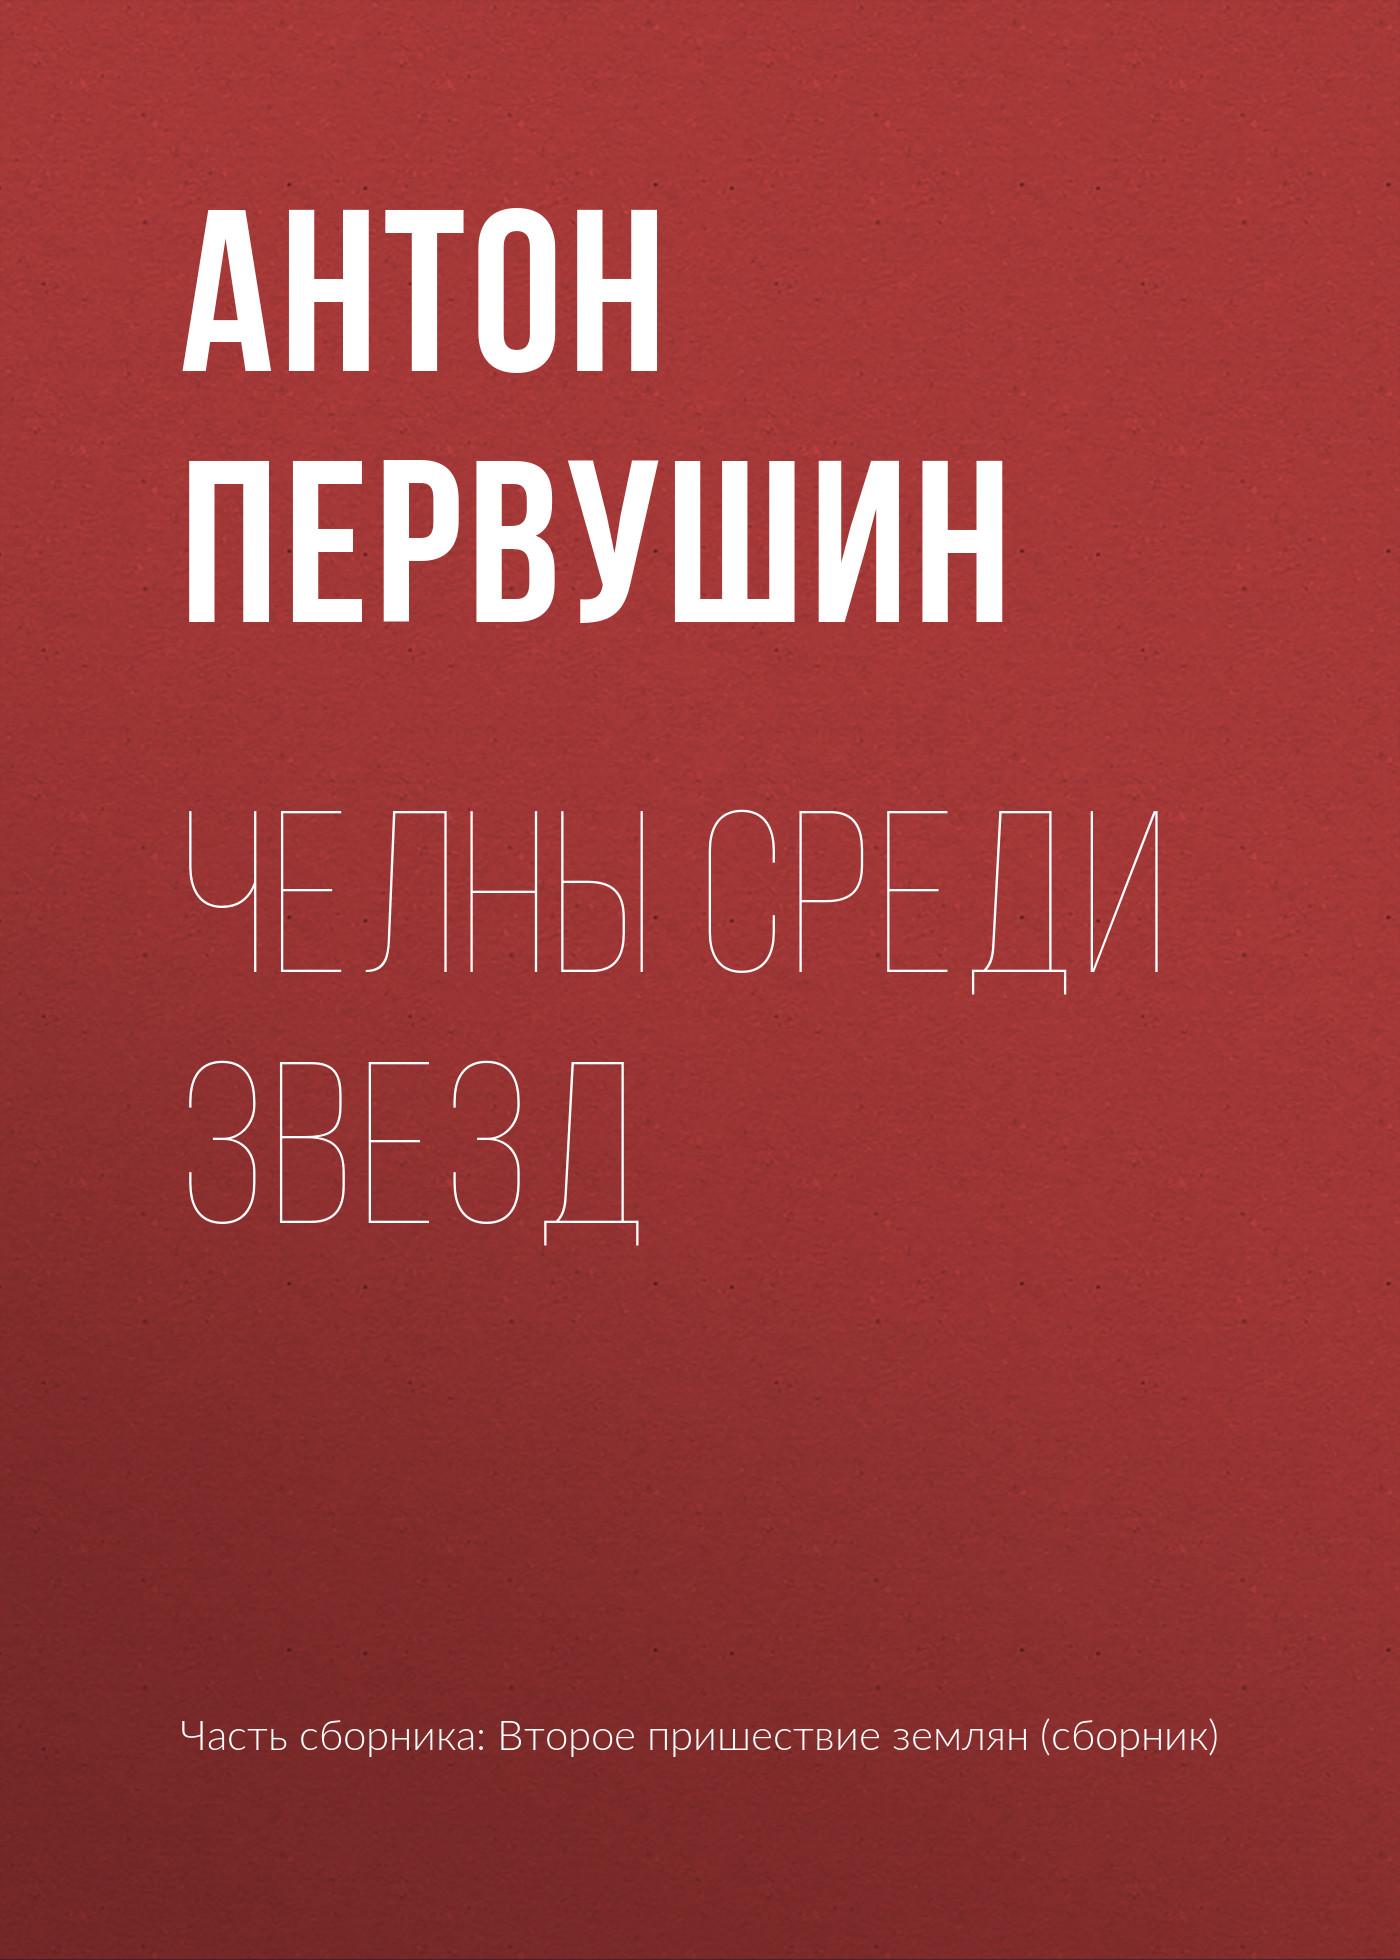 Антон Первушин Челны среди звезд антон первушин челны среди звезд